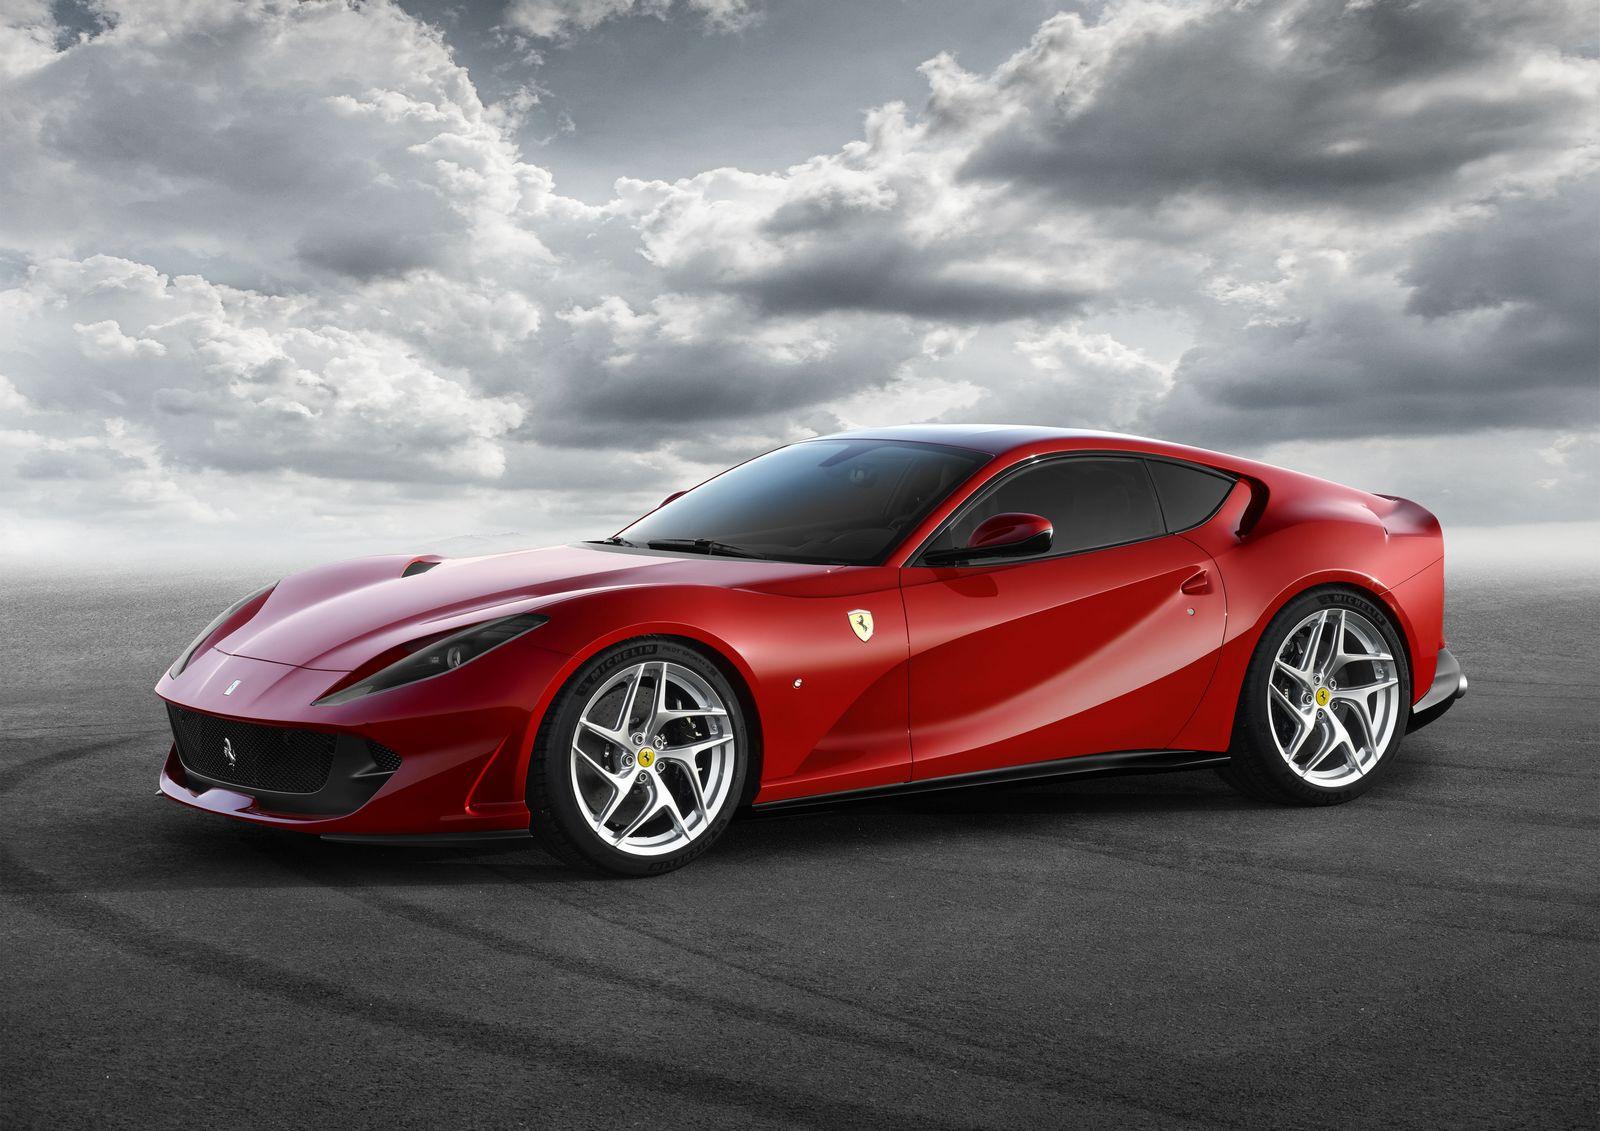 [Imagen: Ferrari%2B812%2BSuperfast%2B-1.jpg]